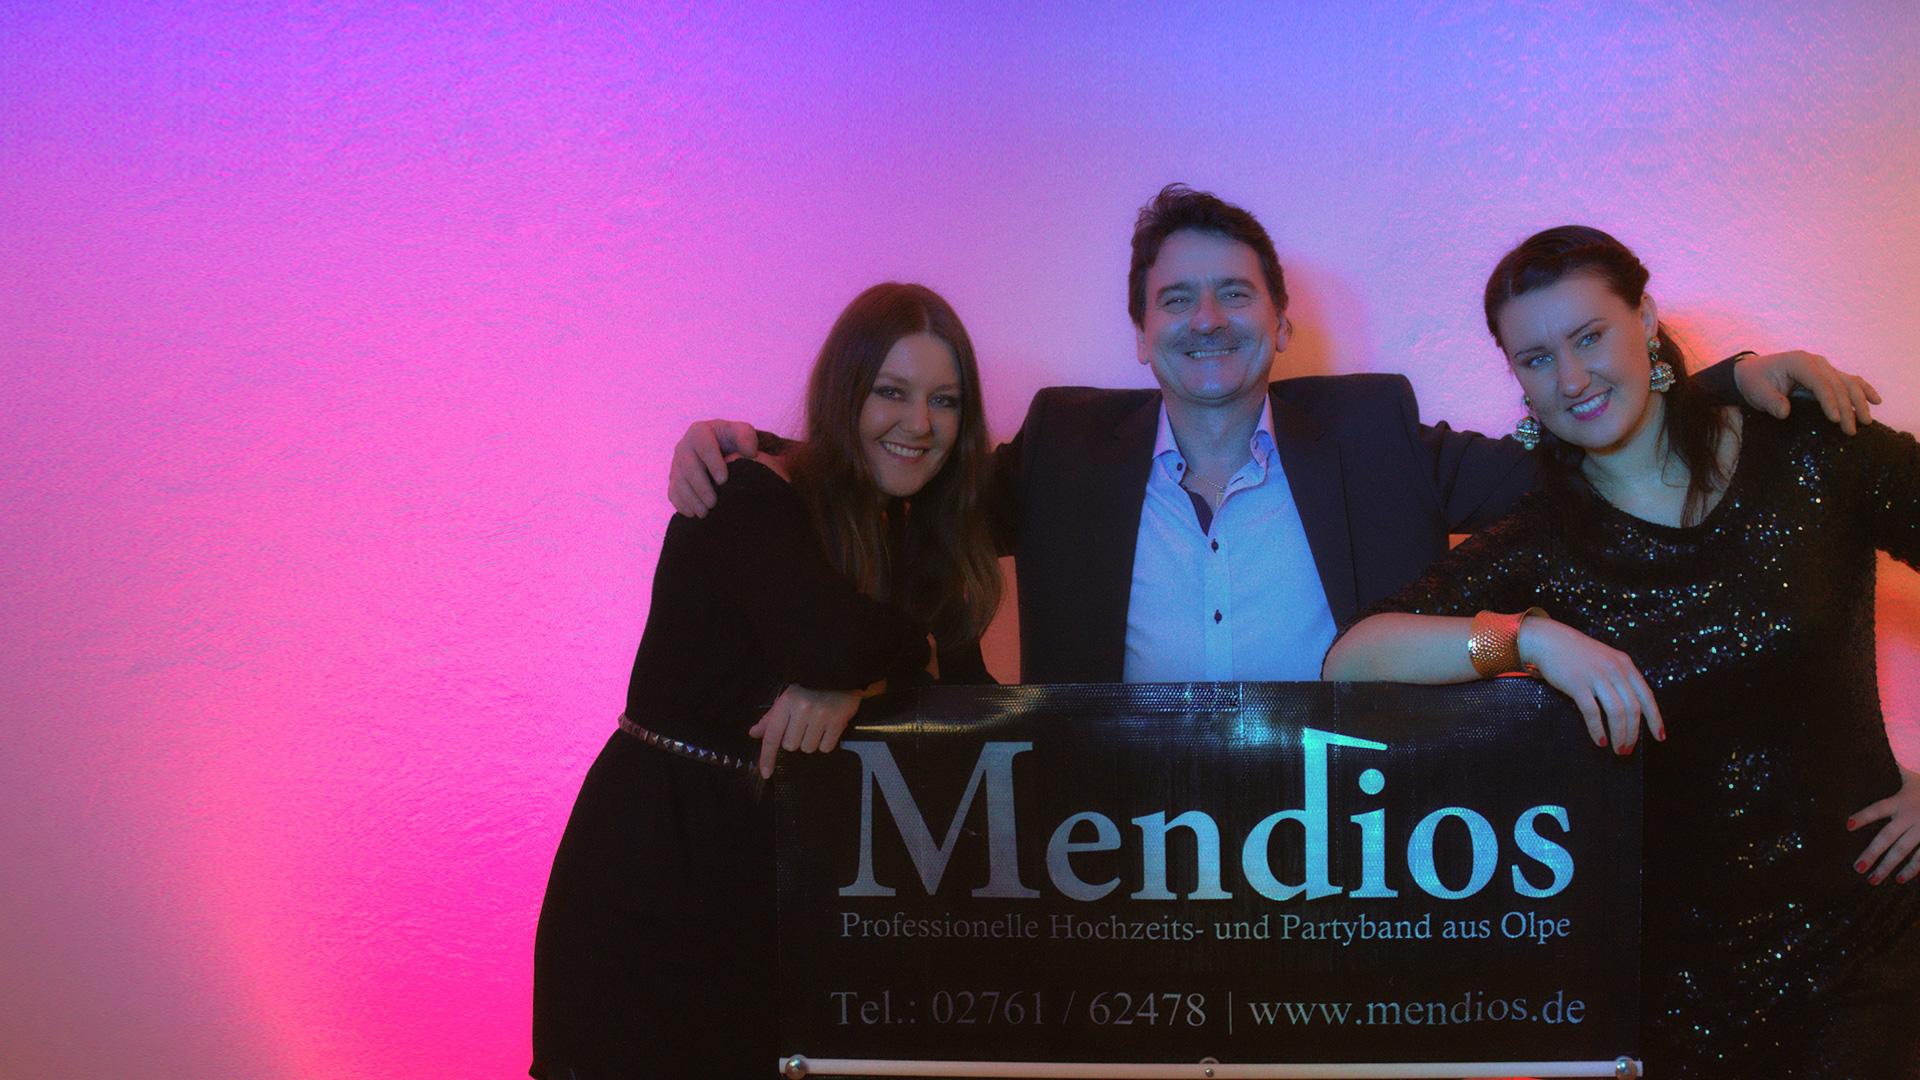 Mendios_001